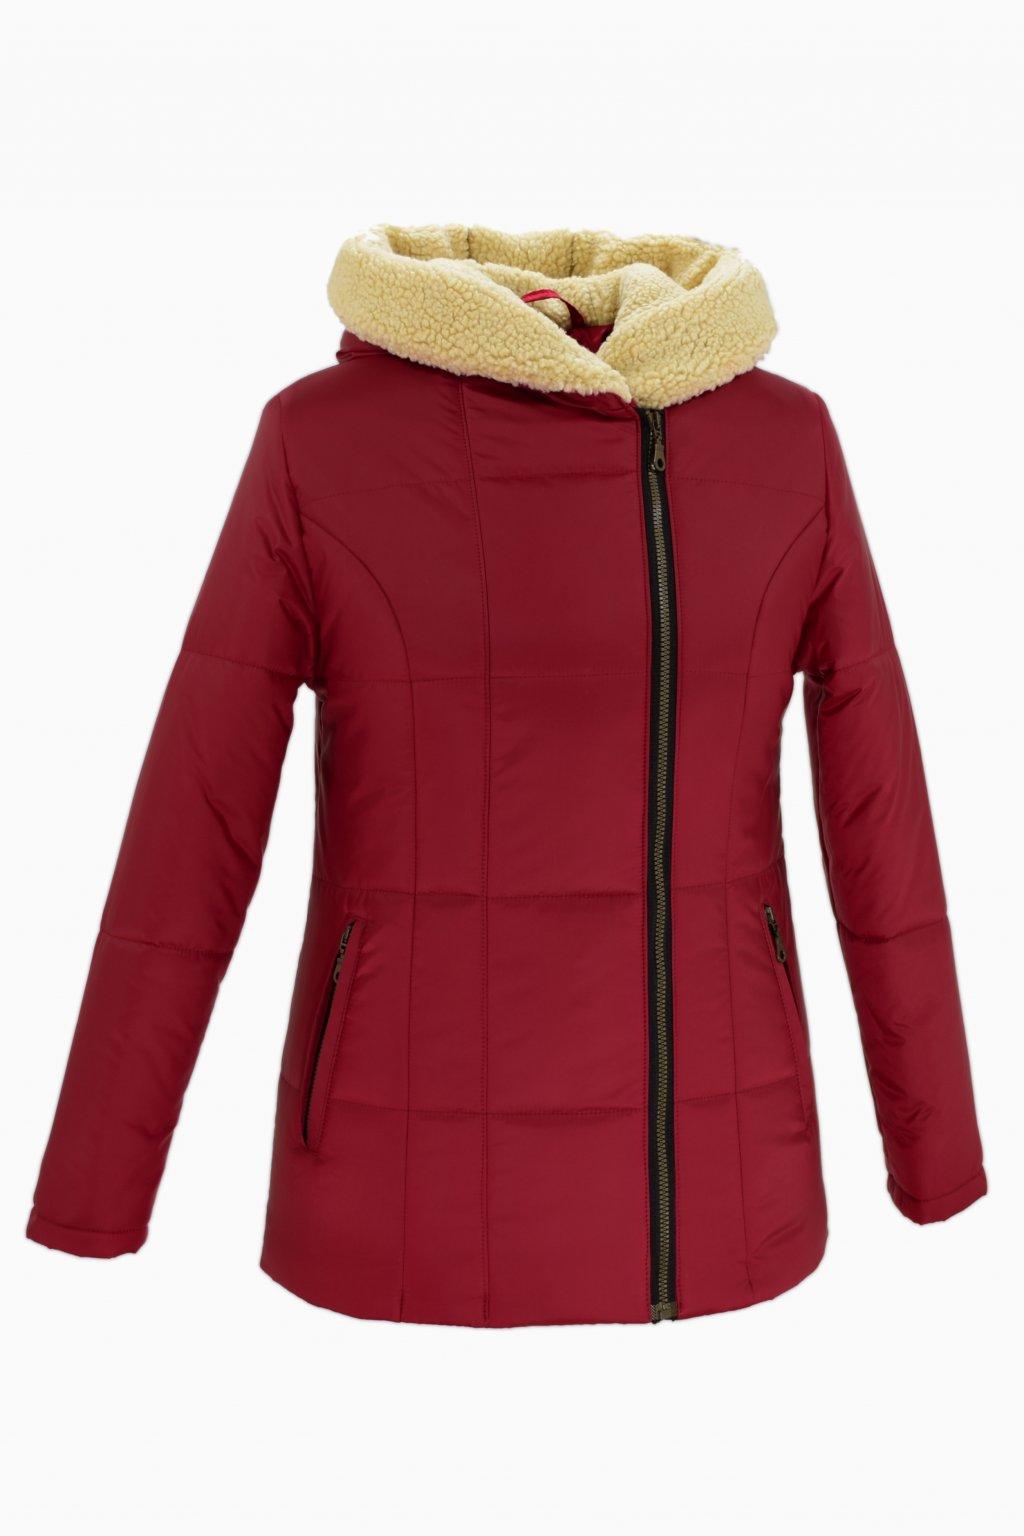 Dámská červená zimní bunda XENA nadměrné velikosti.